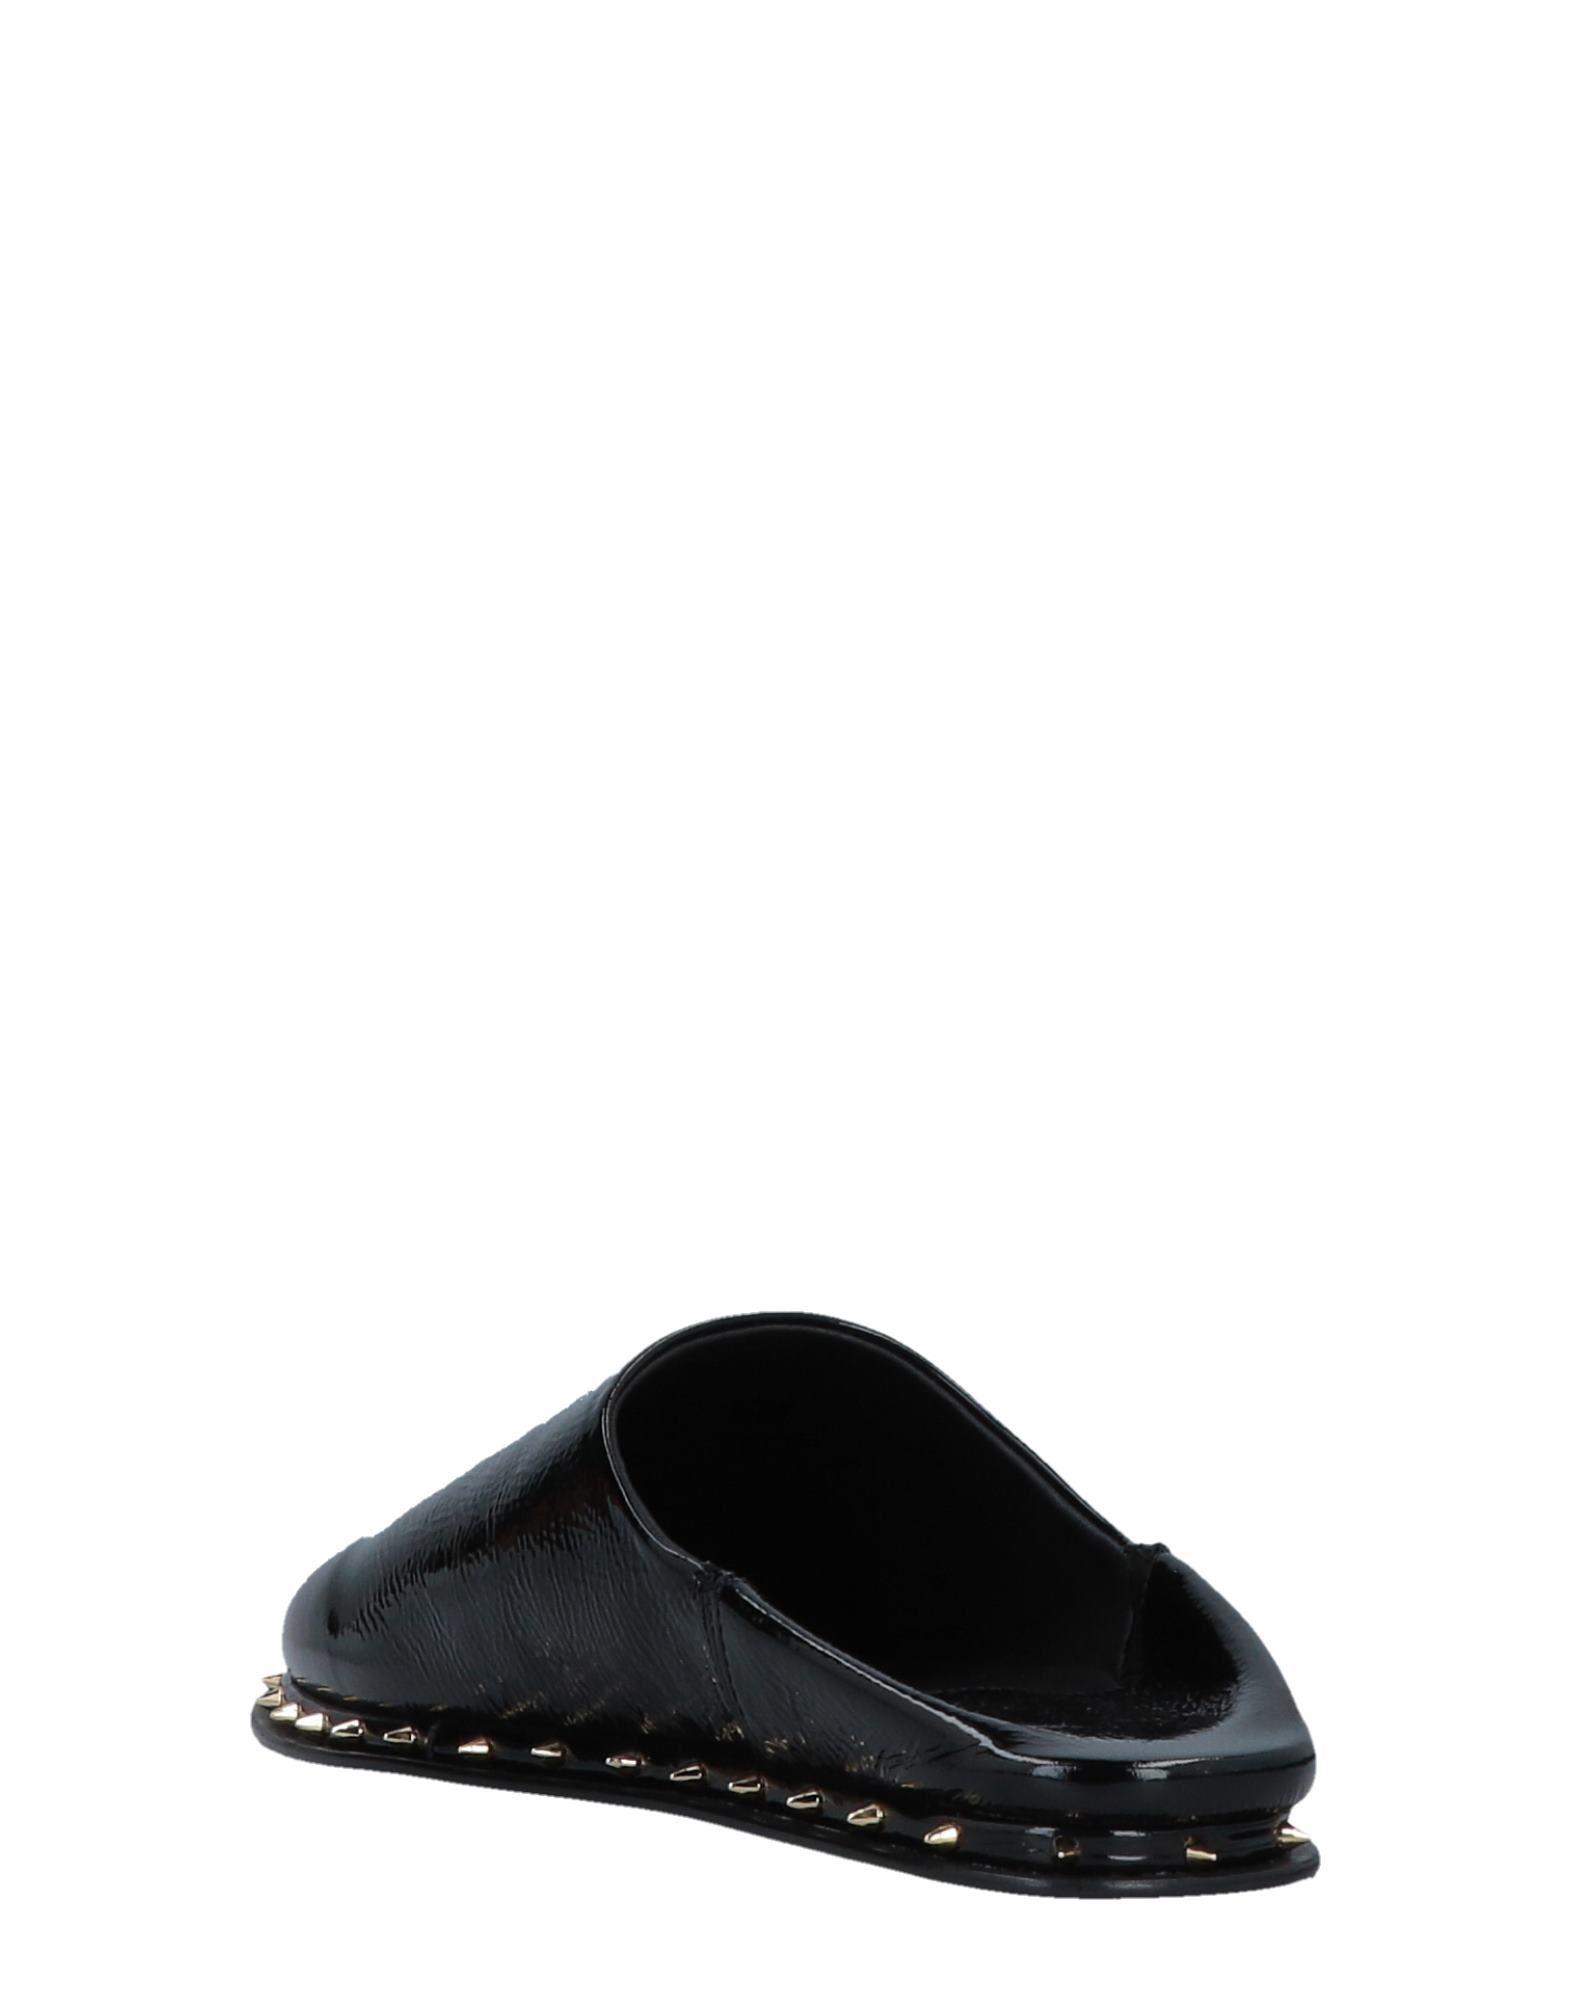 Stilvolle Pantoletten billige Schuhe Paloma Barceló Pantoletten Stilvolle Damen  11512920FE 82a196